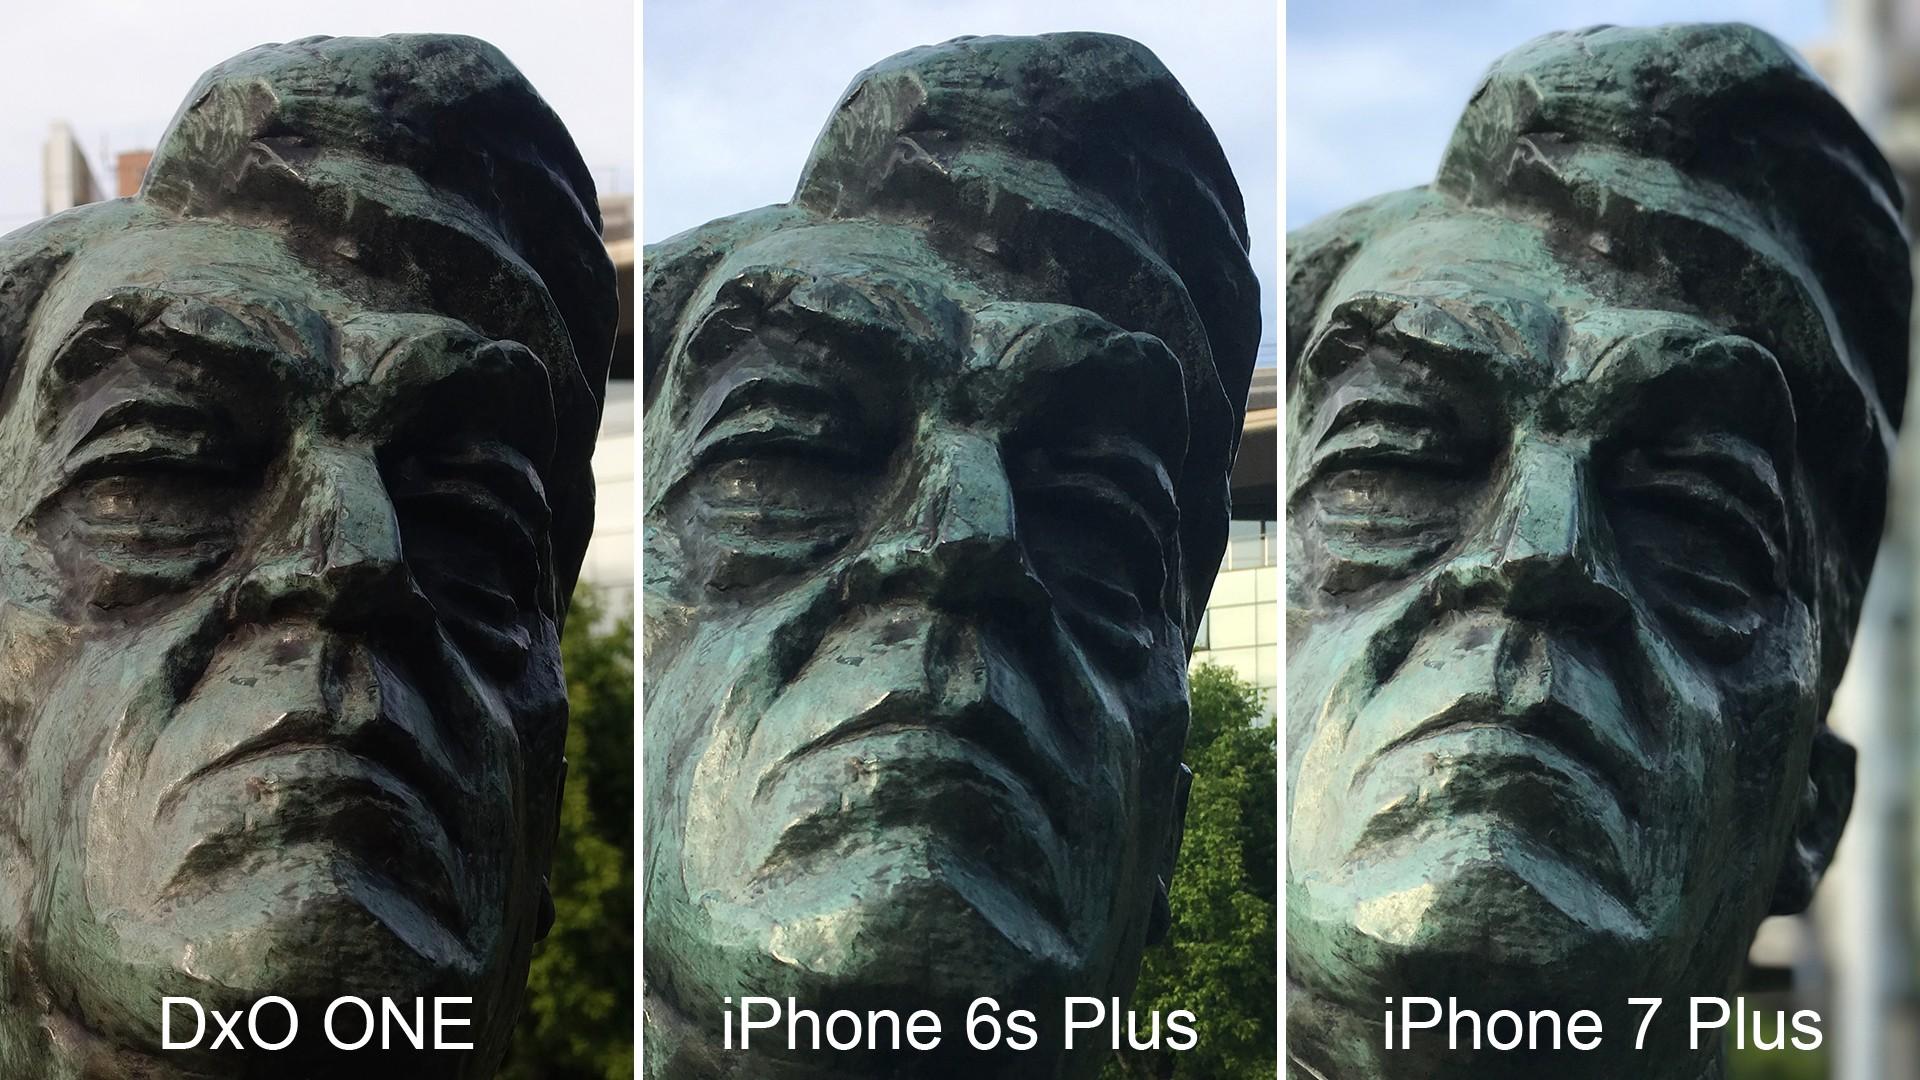 iphone 7 plus vs iphone 8 plus 2019